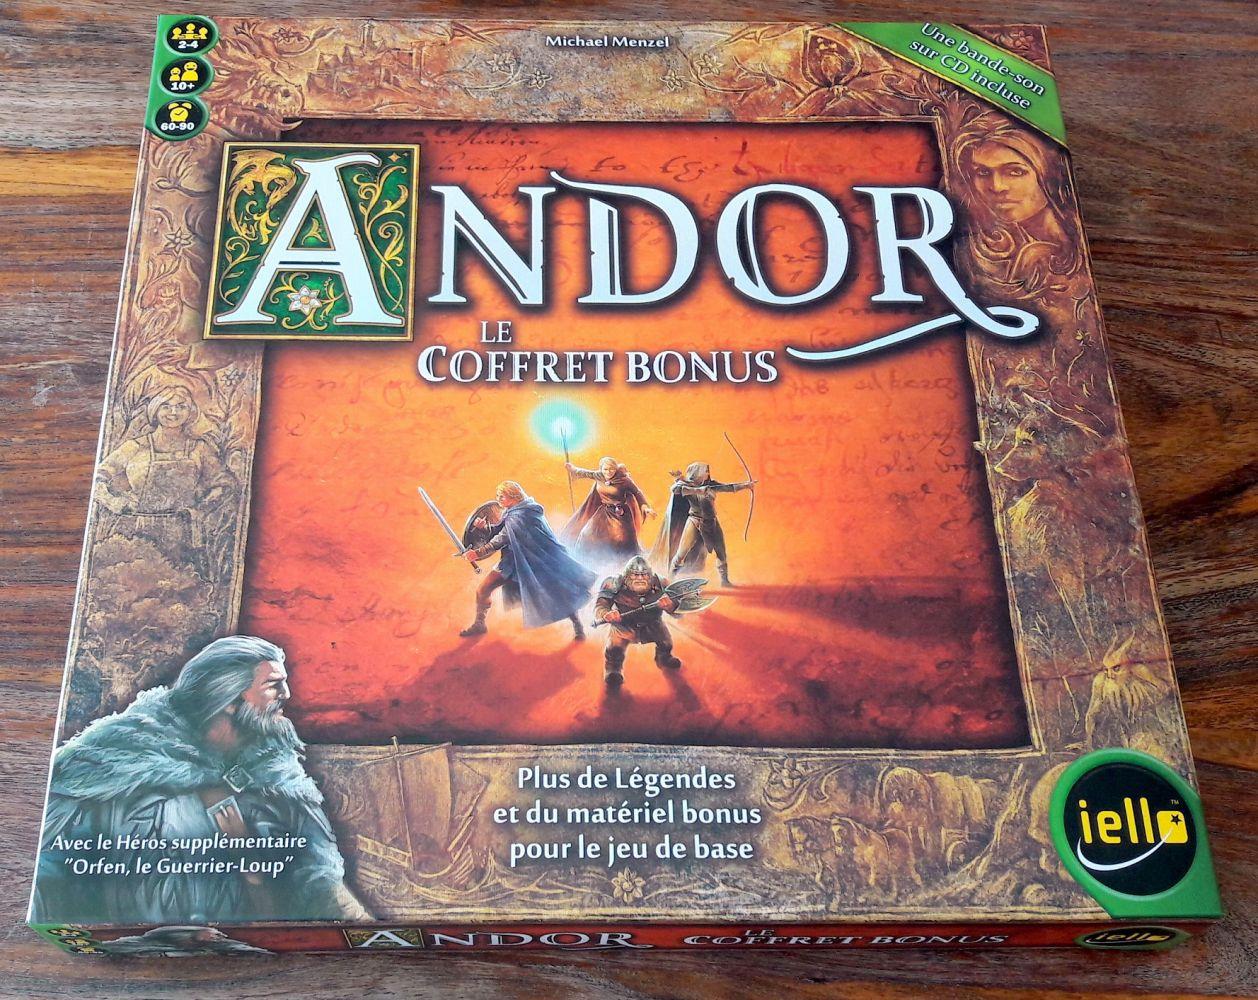 On retrouve bien là l'illustration de la boite de base d'Andor mais dans un écrin.